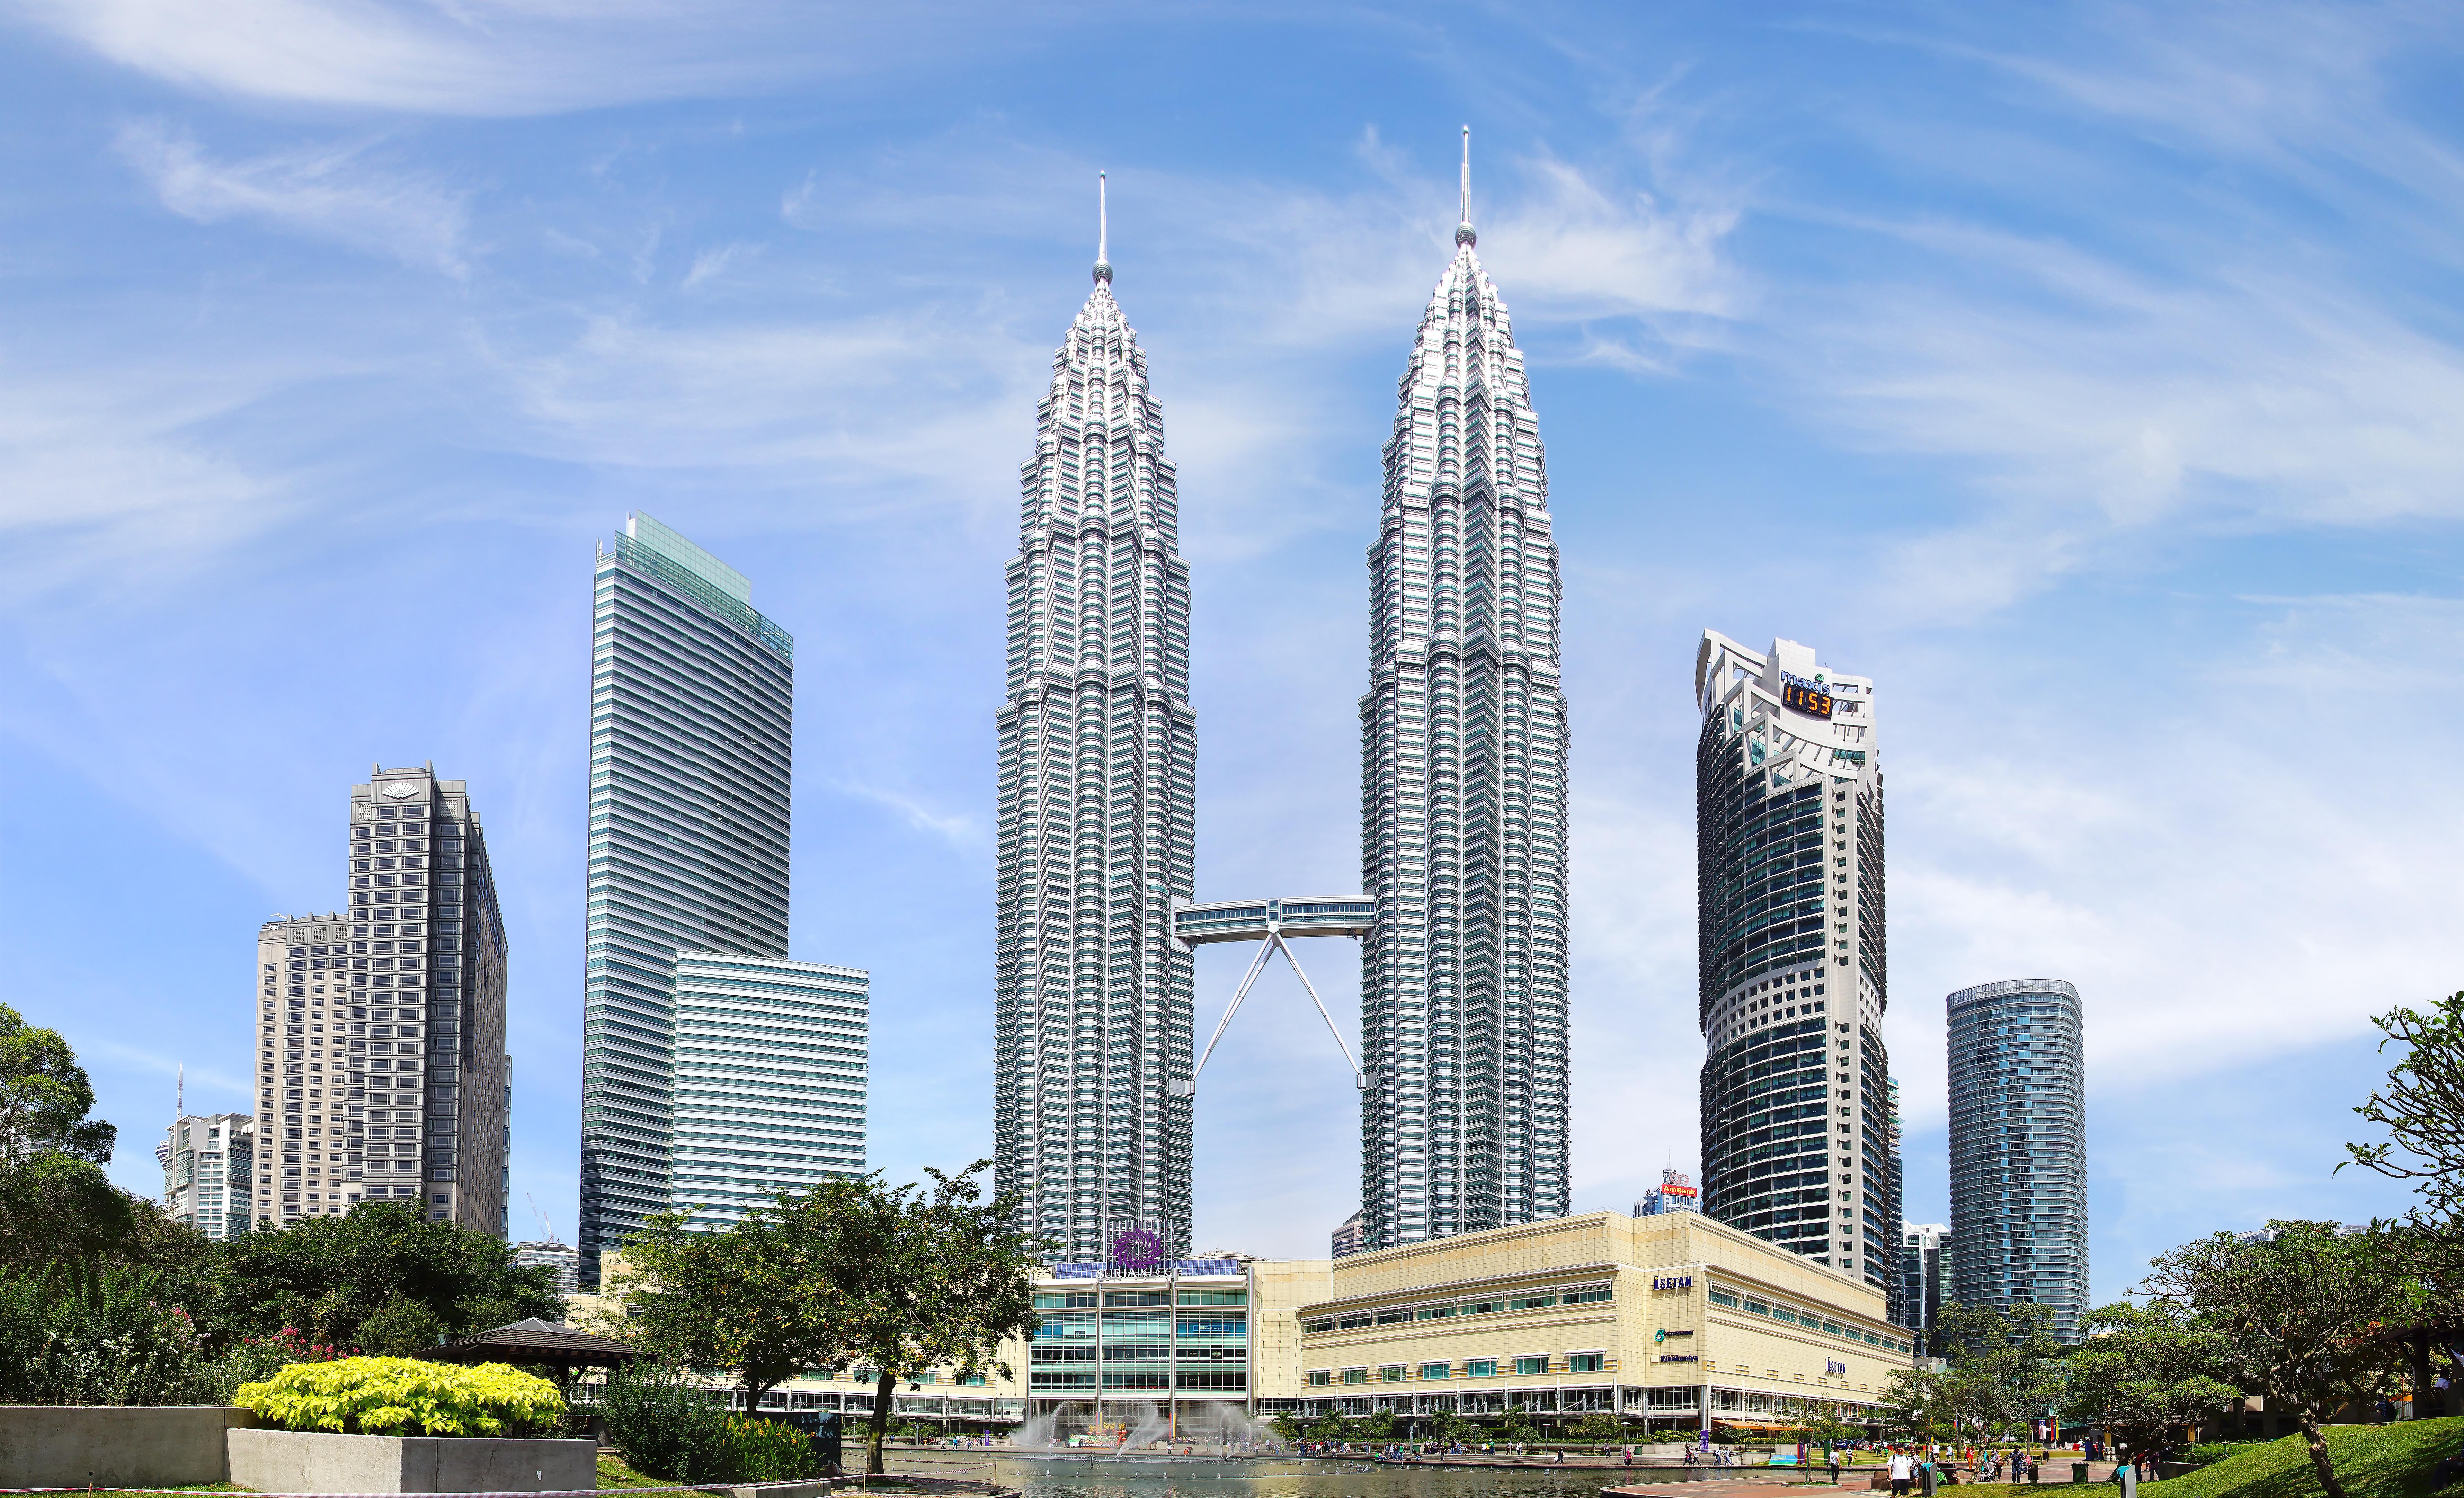 twin skyscrapers in Kuala Lumpur, Malaysia